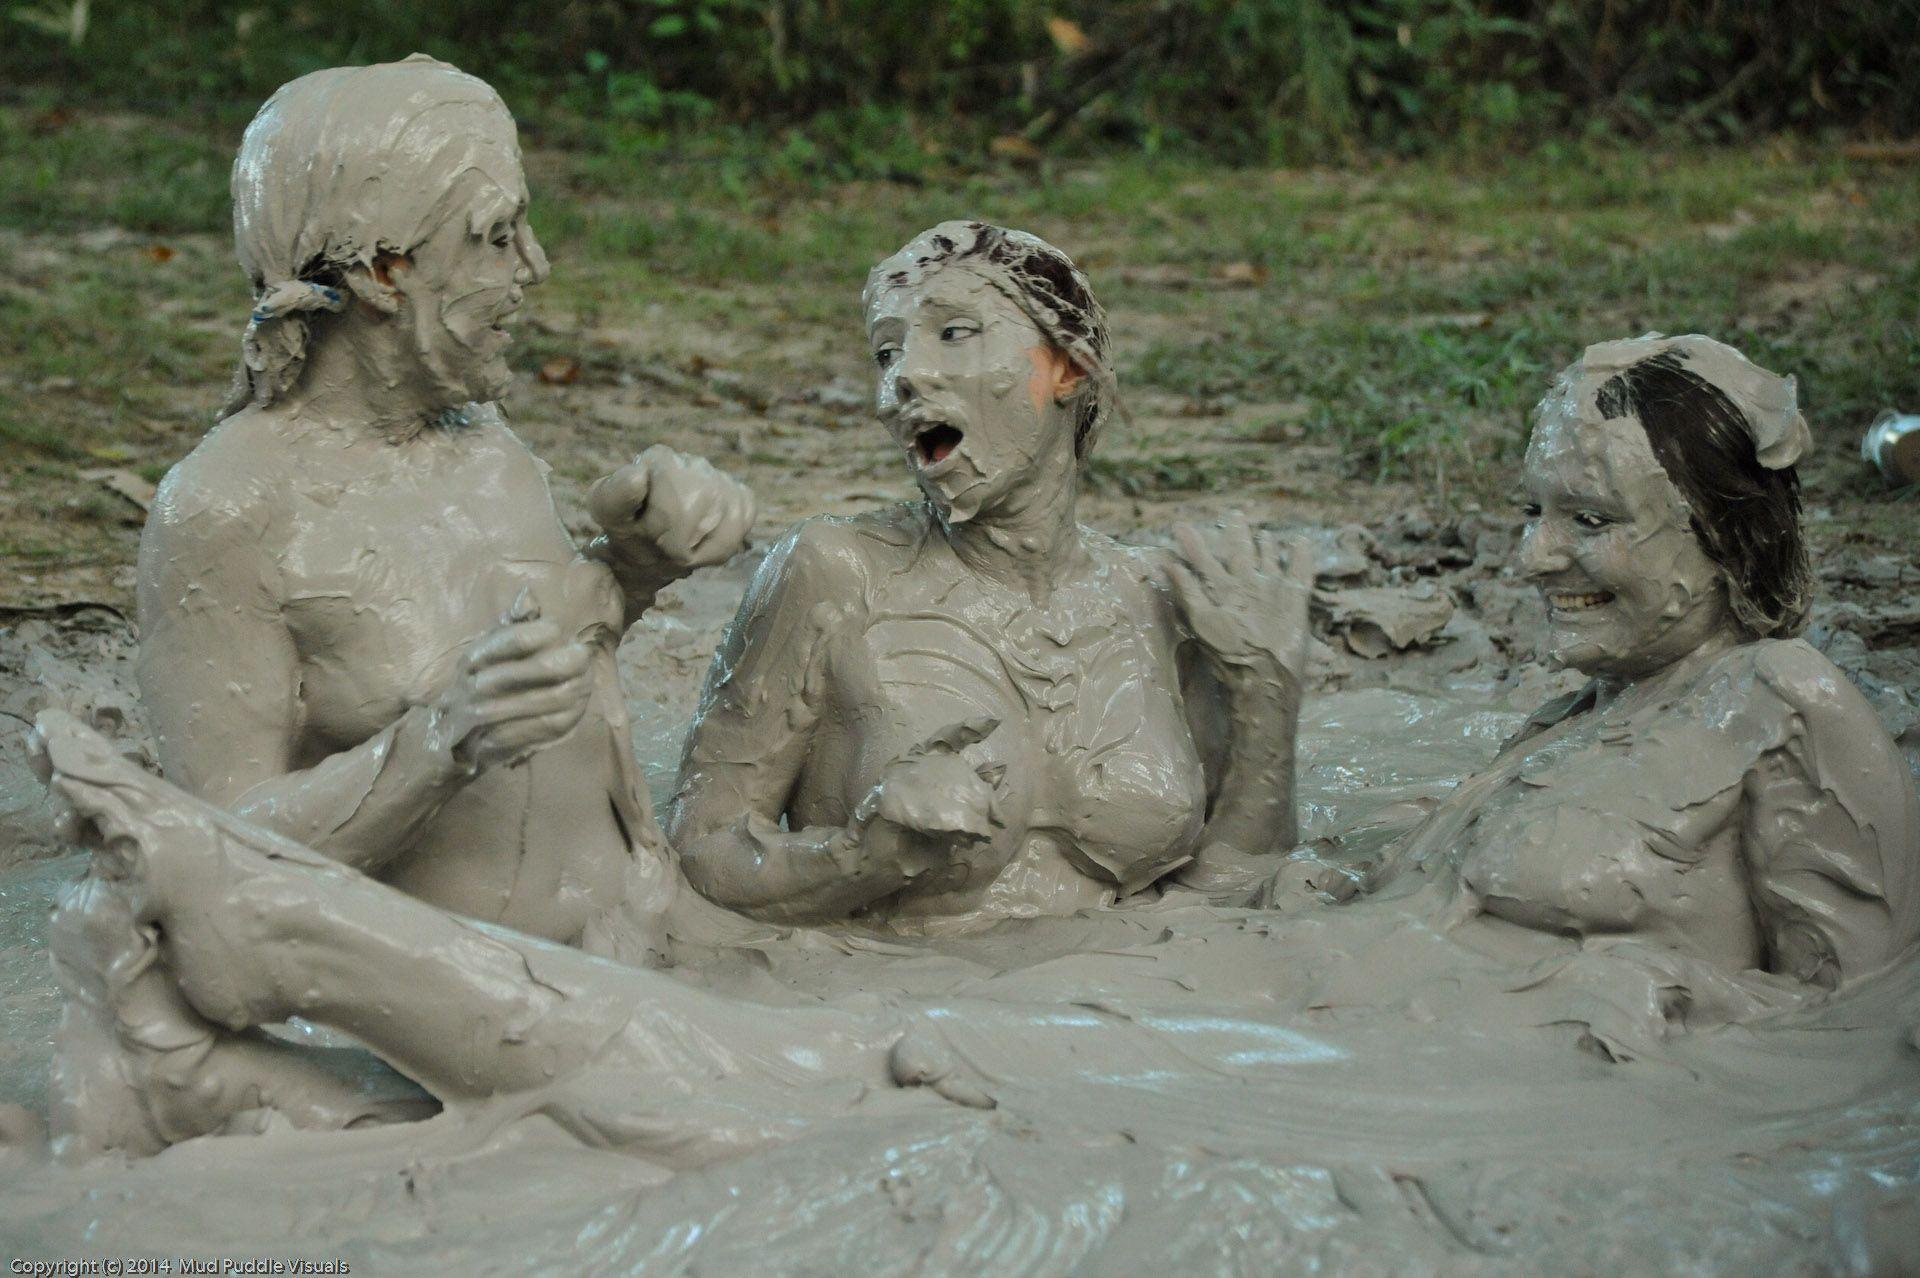 mudpuddlevisuals